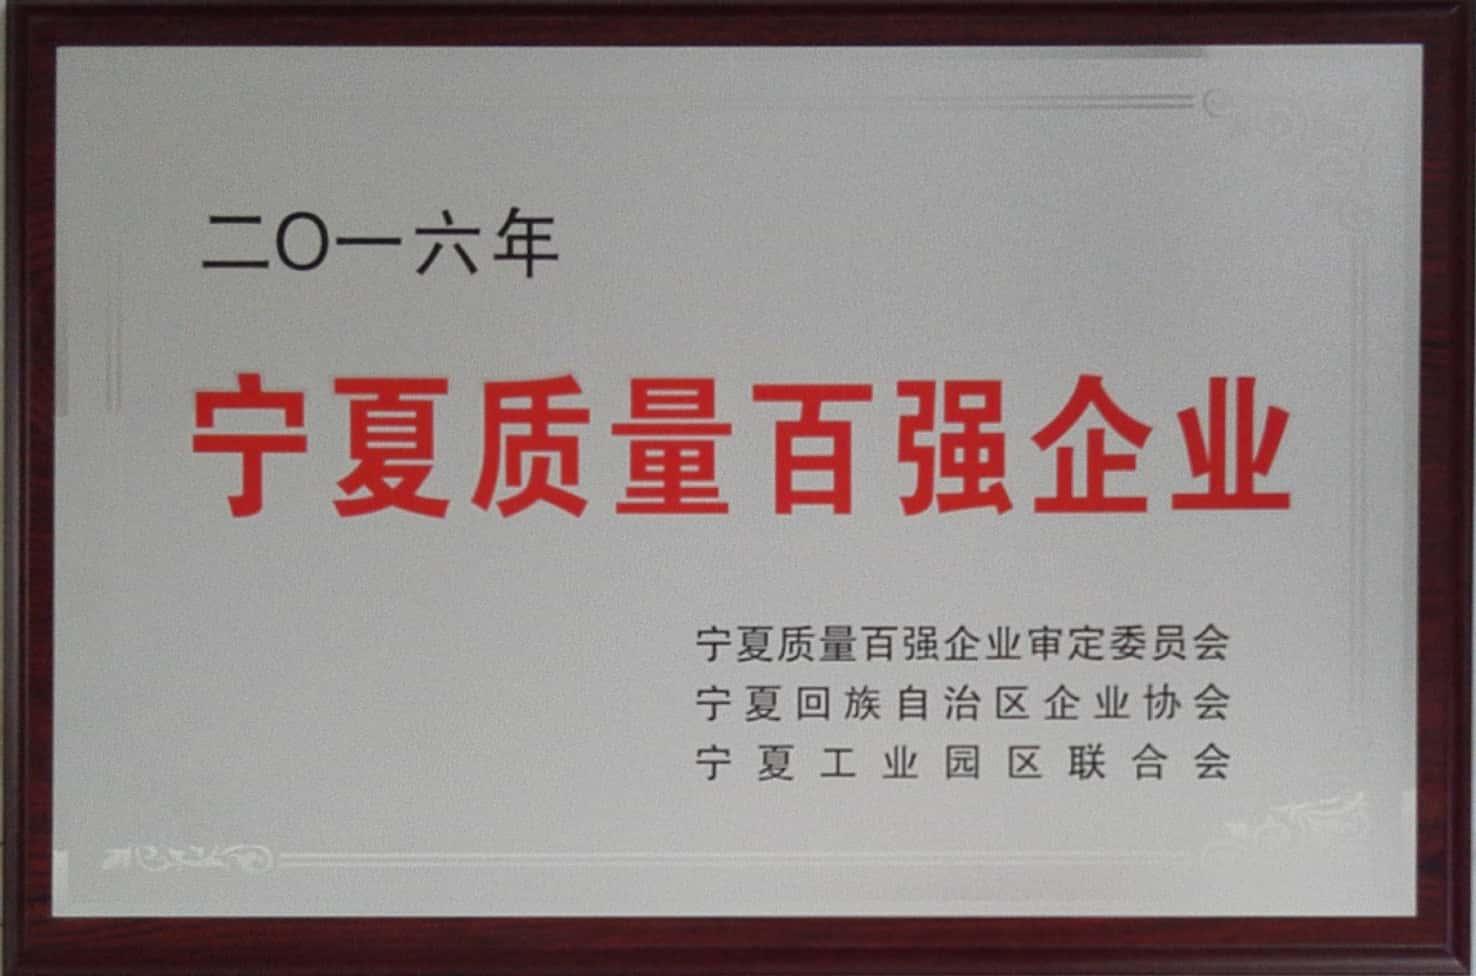 宁夏质量百强企业